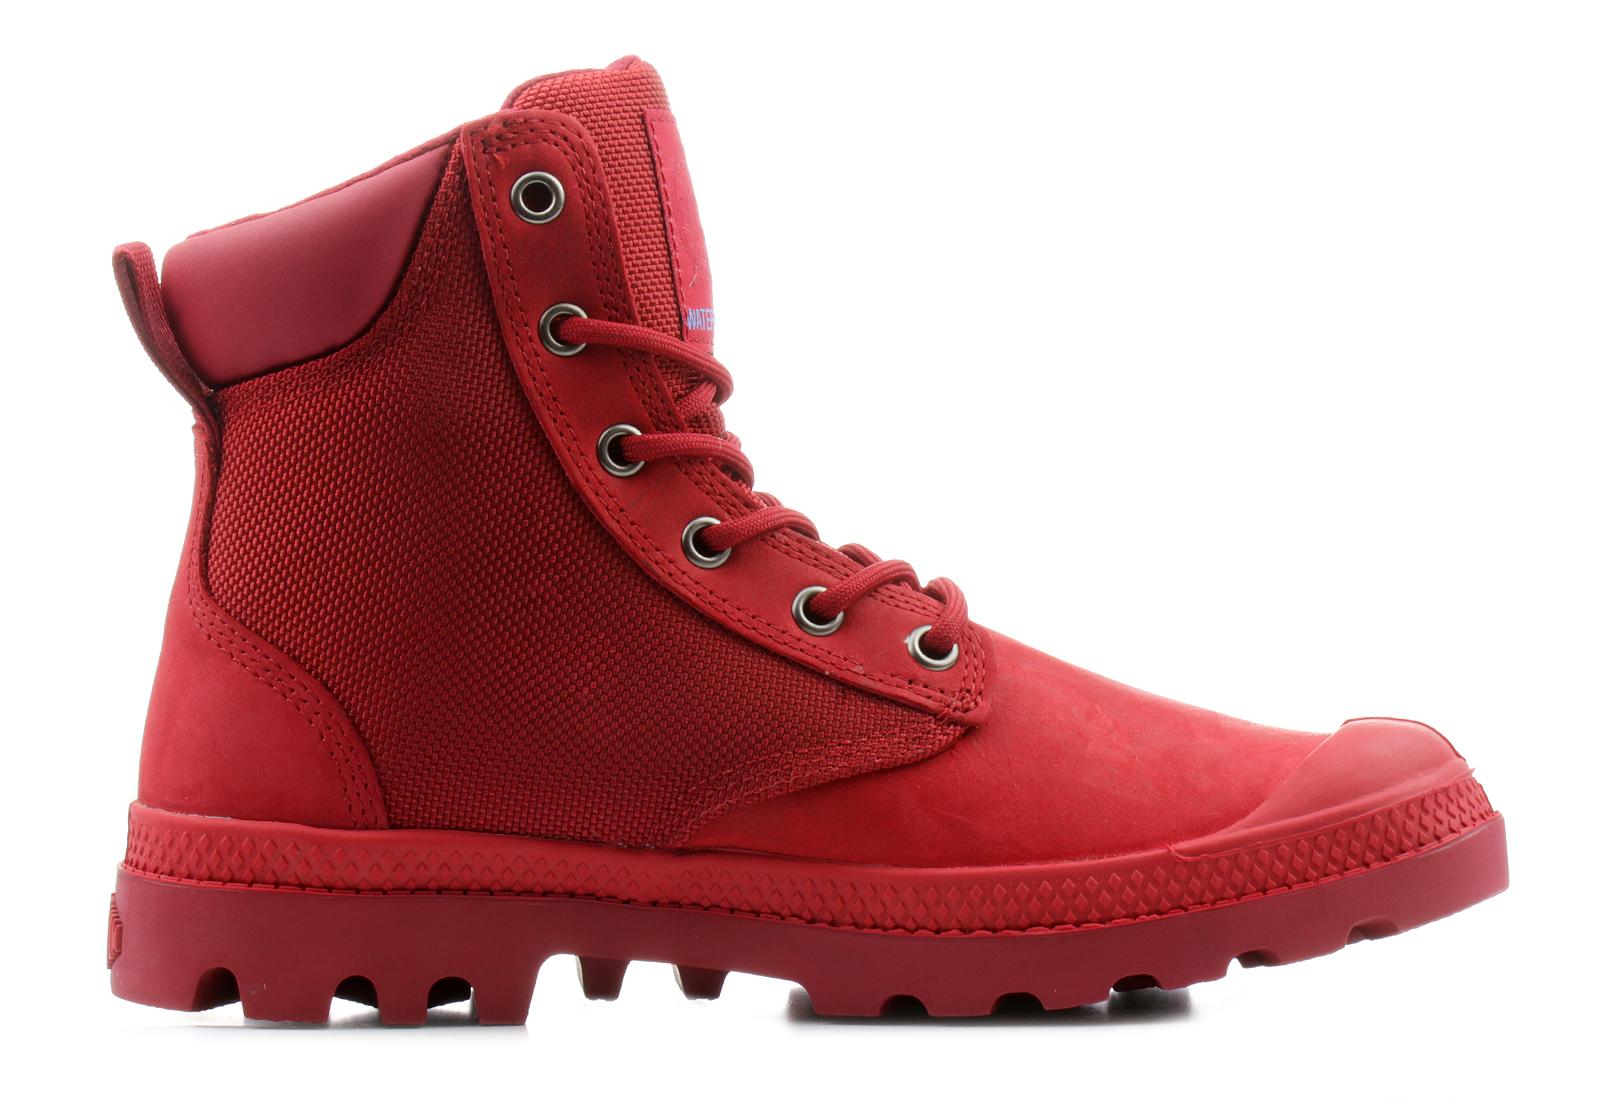 Palladium Boots - Spor Cuf Wpn U - 73234-653-M